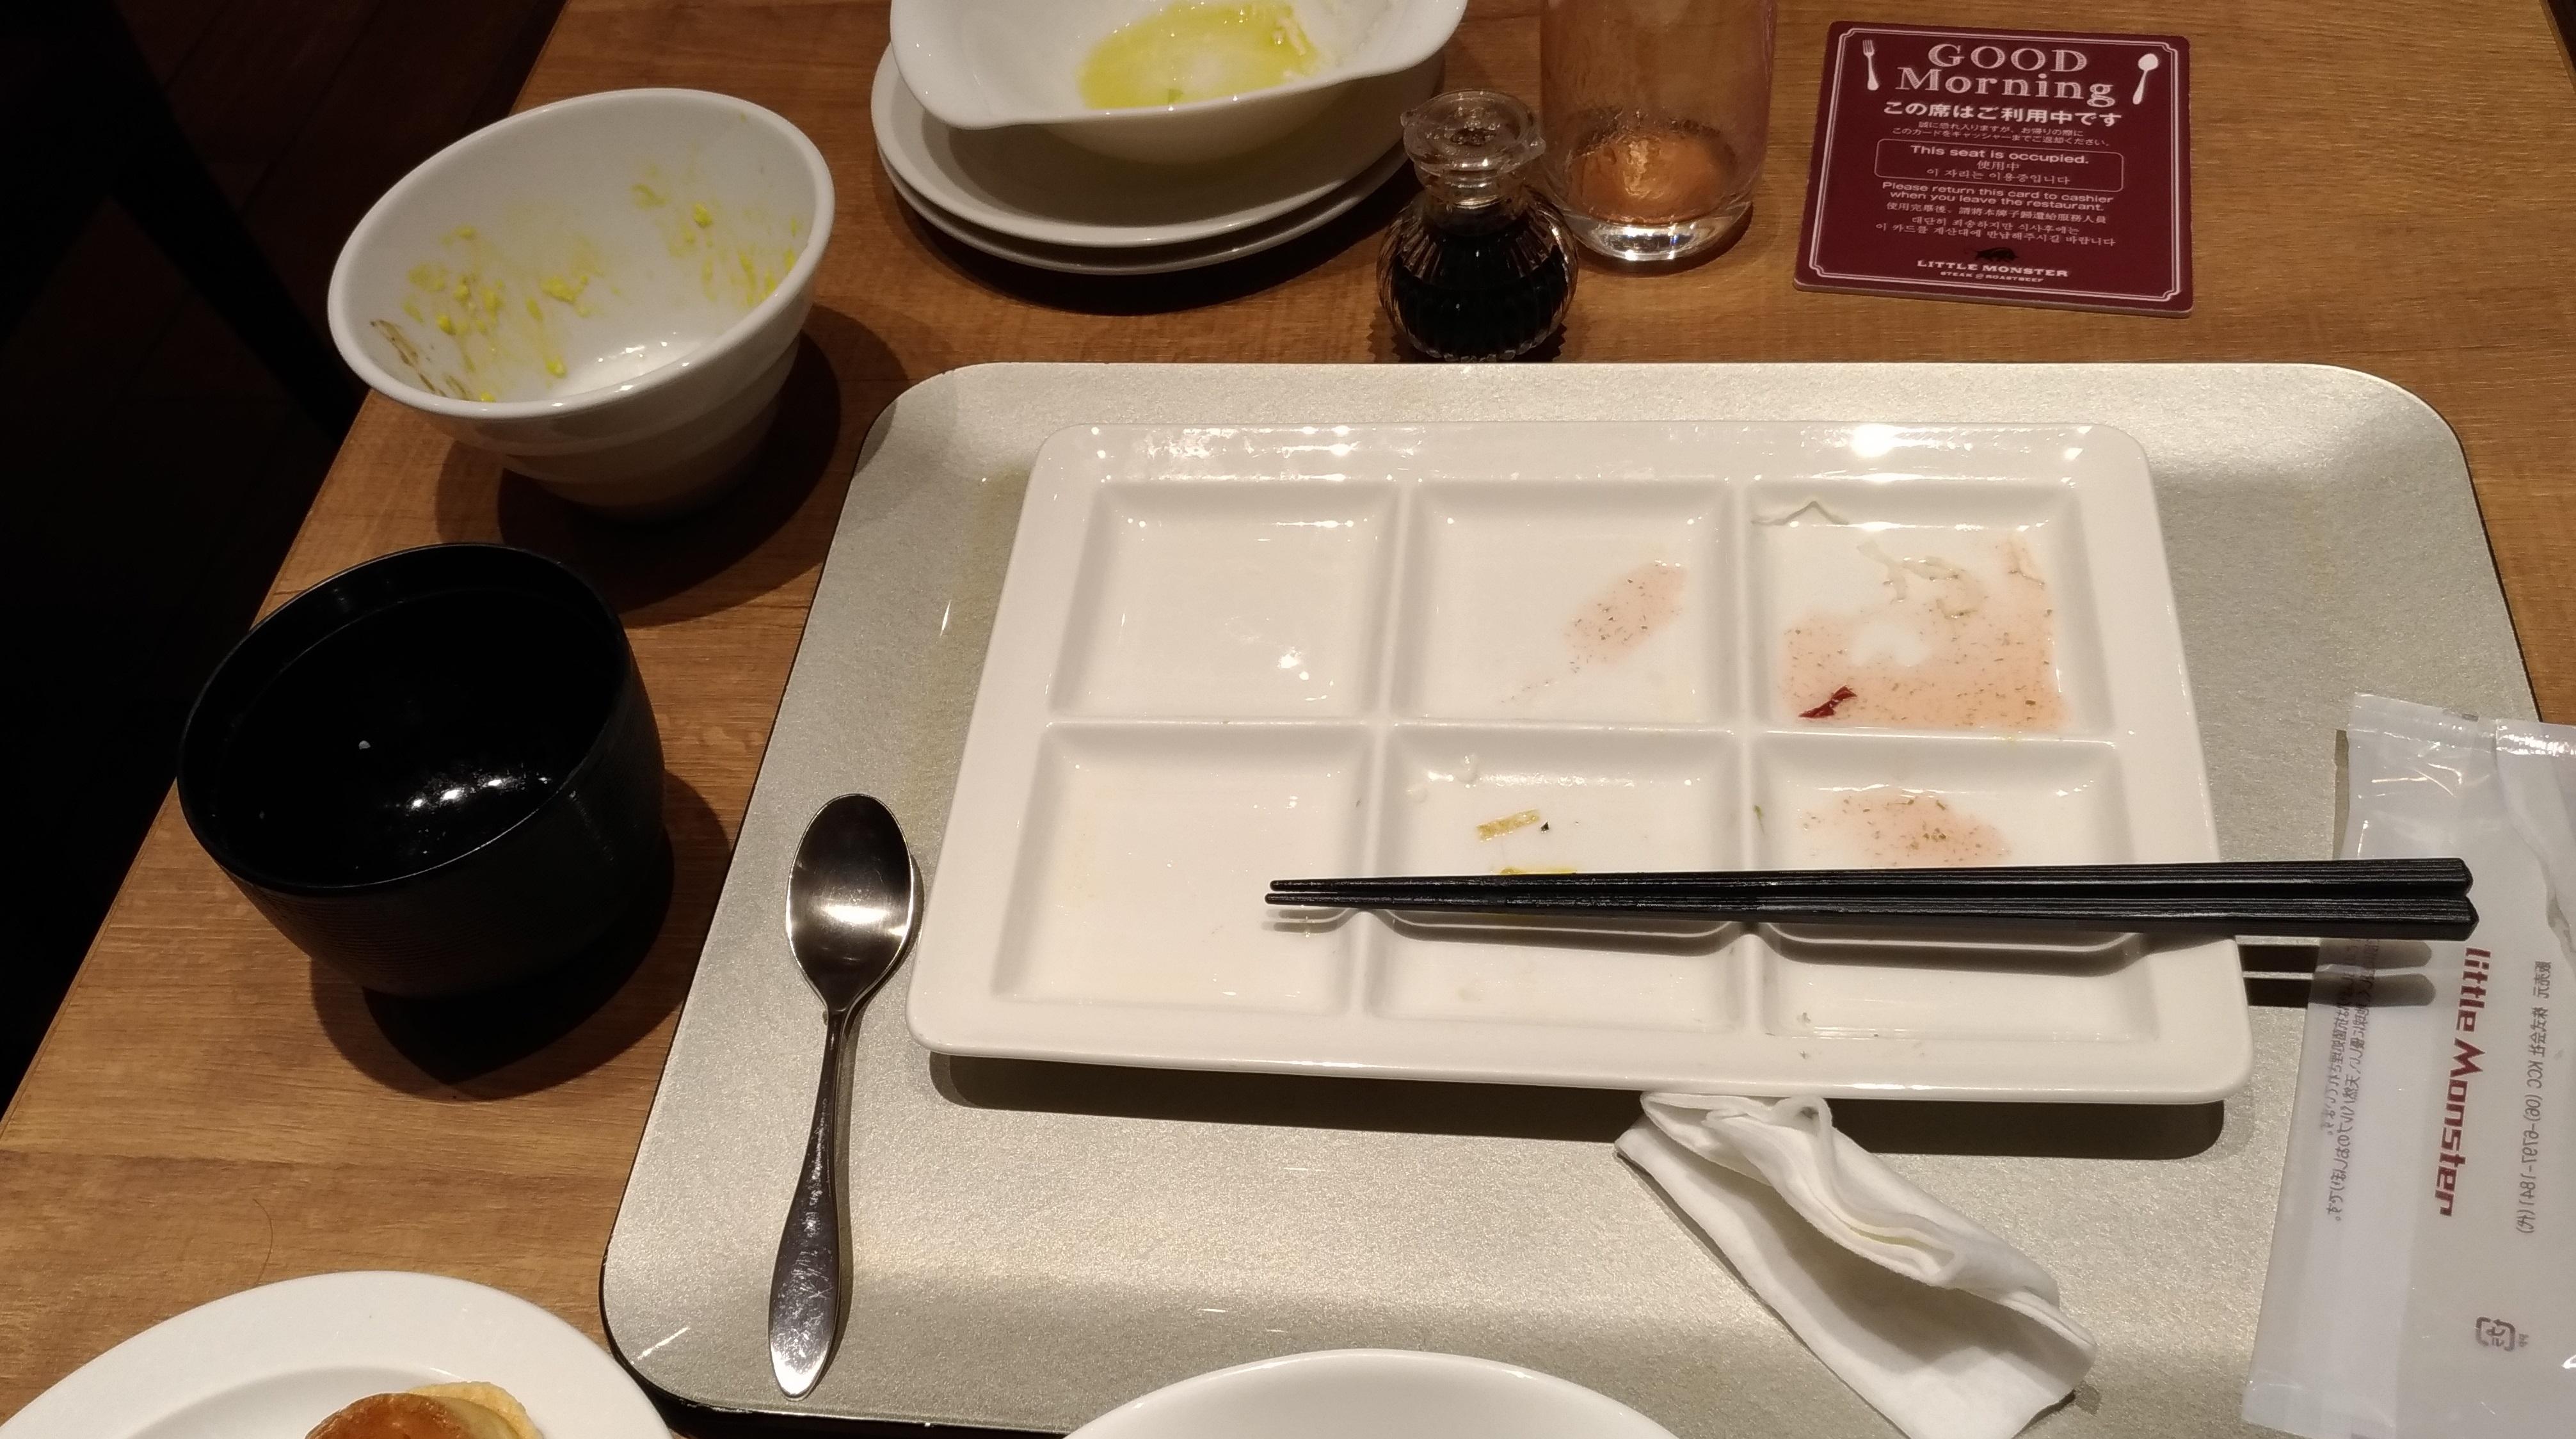 osaka_umeda_hotel_viking_tokyu_4.jpg